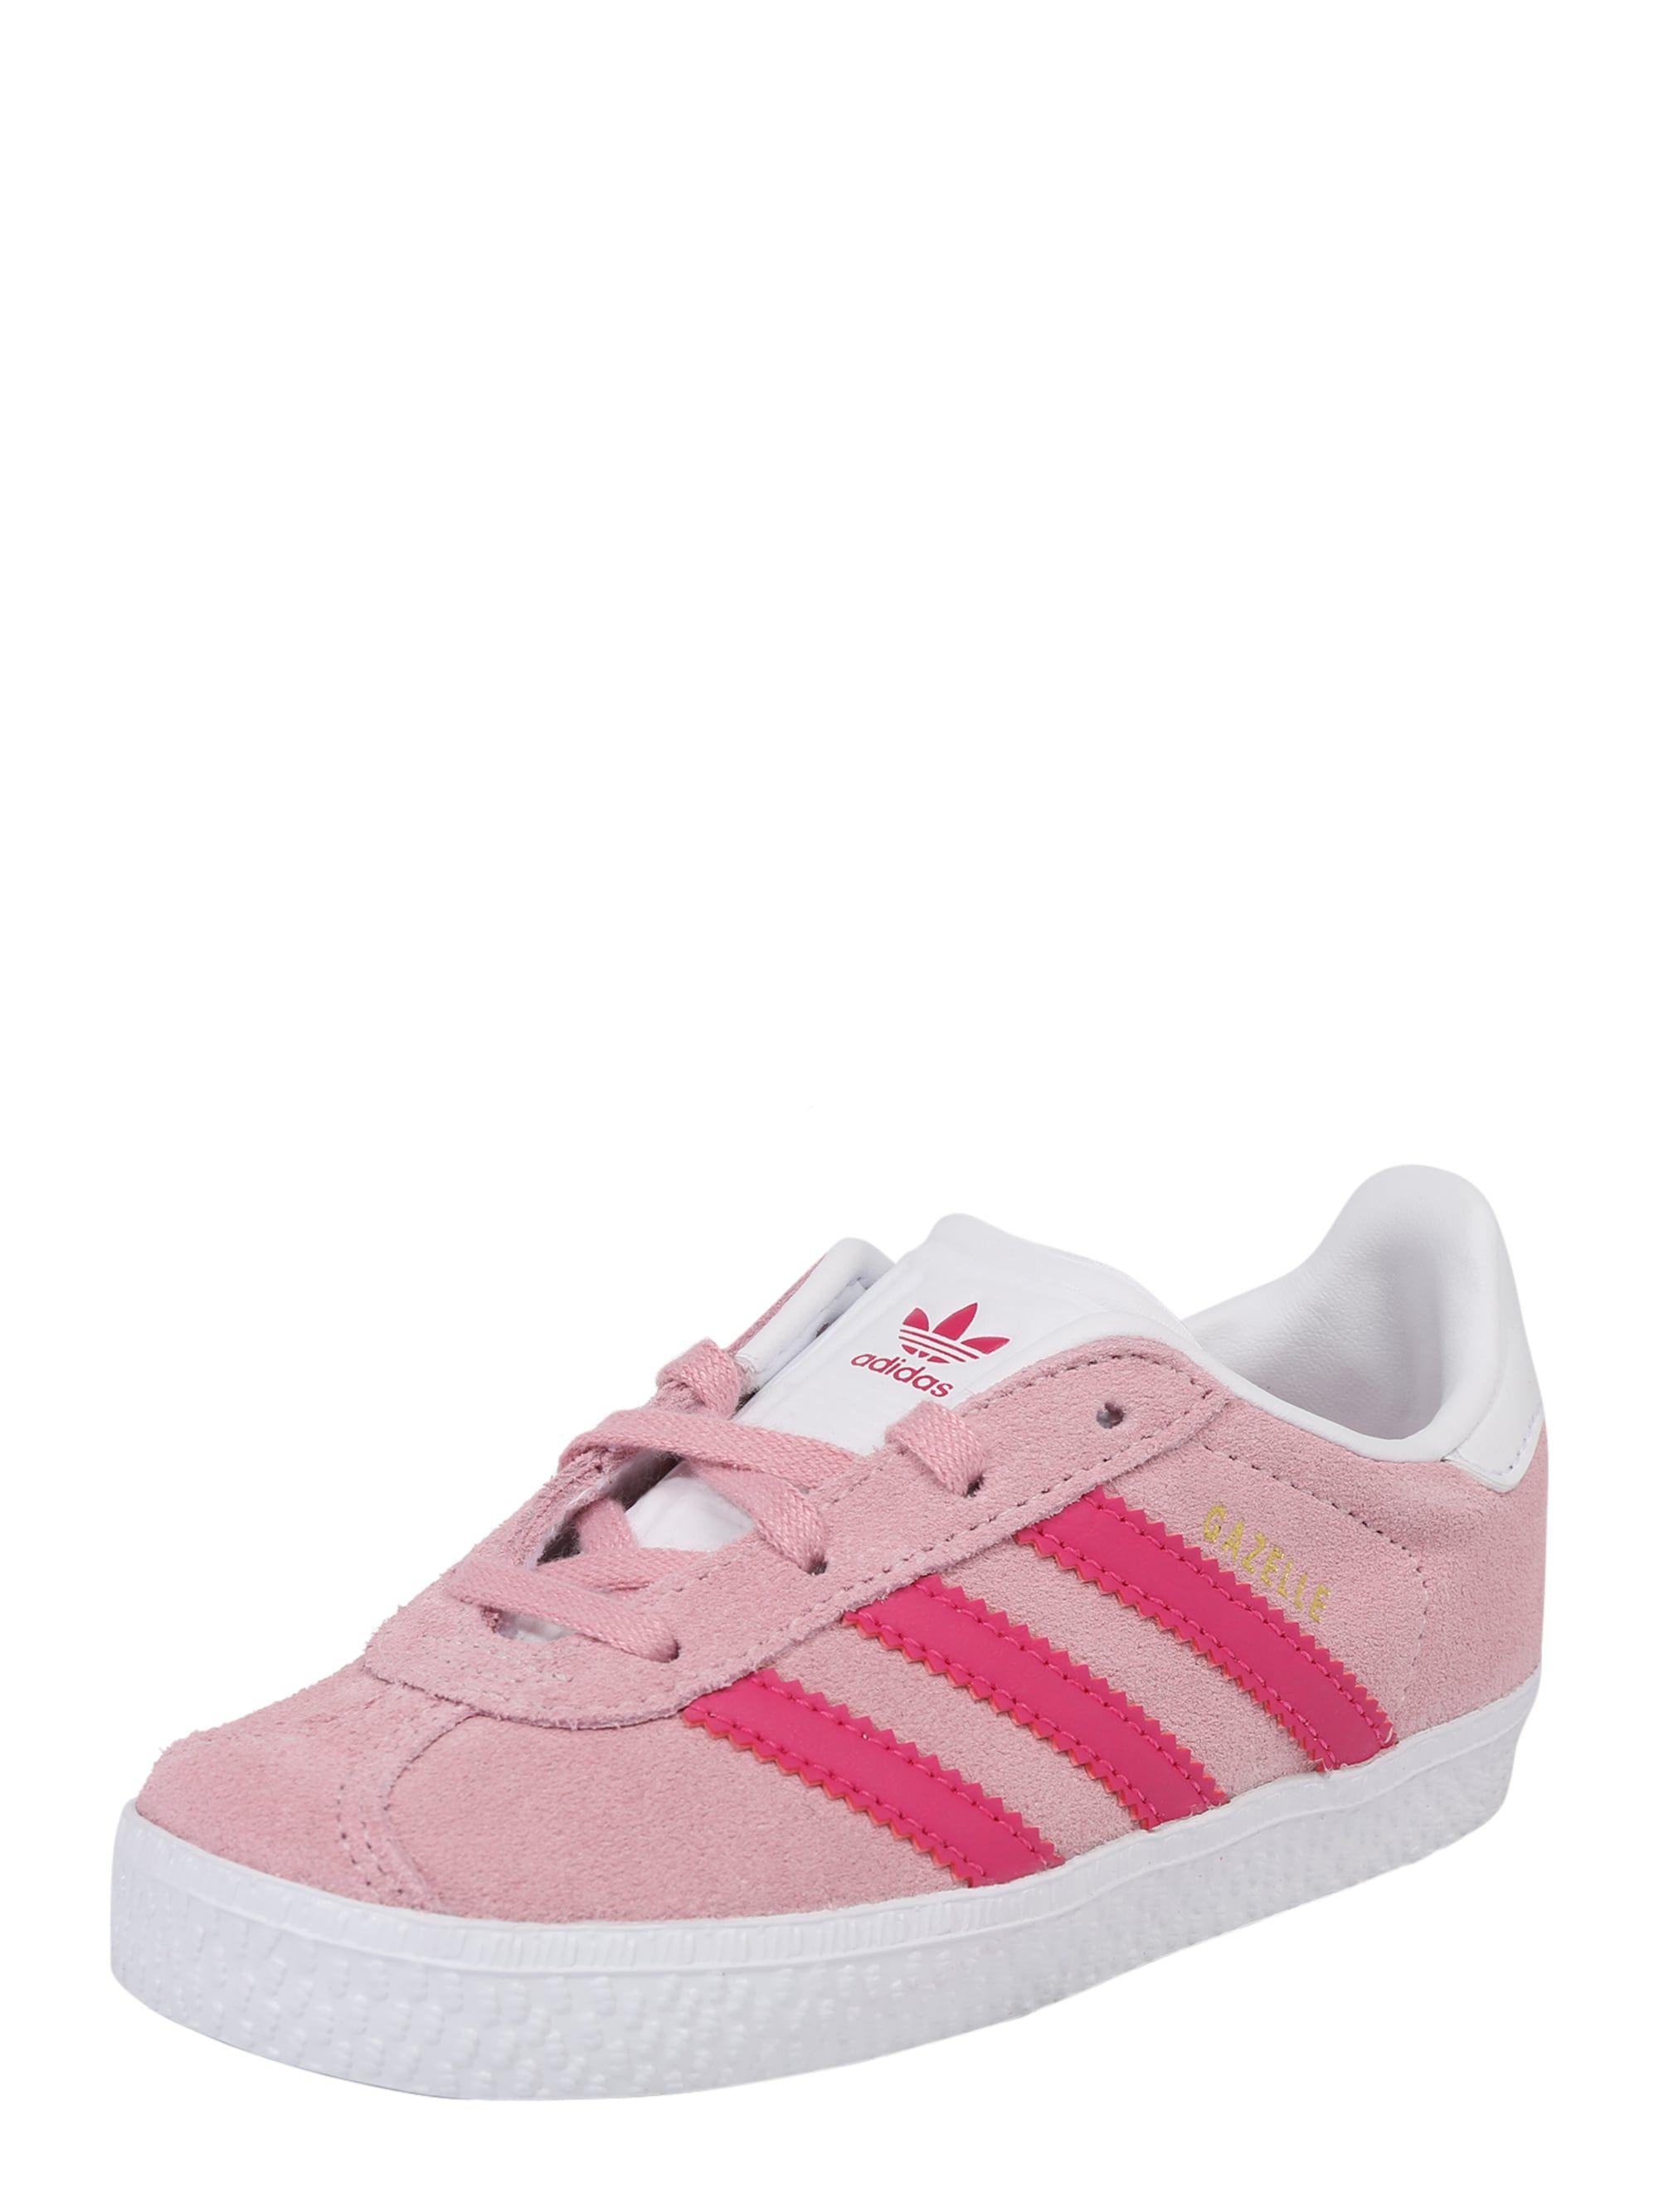 get adidas gazelle rosa kinder 0bb97 2b797